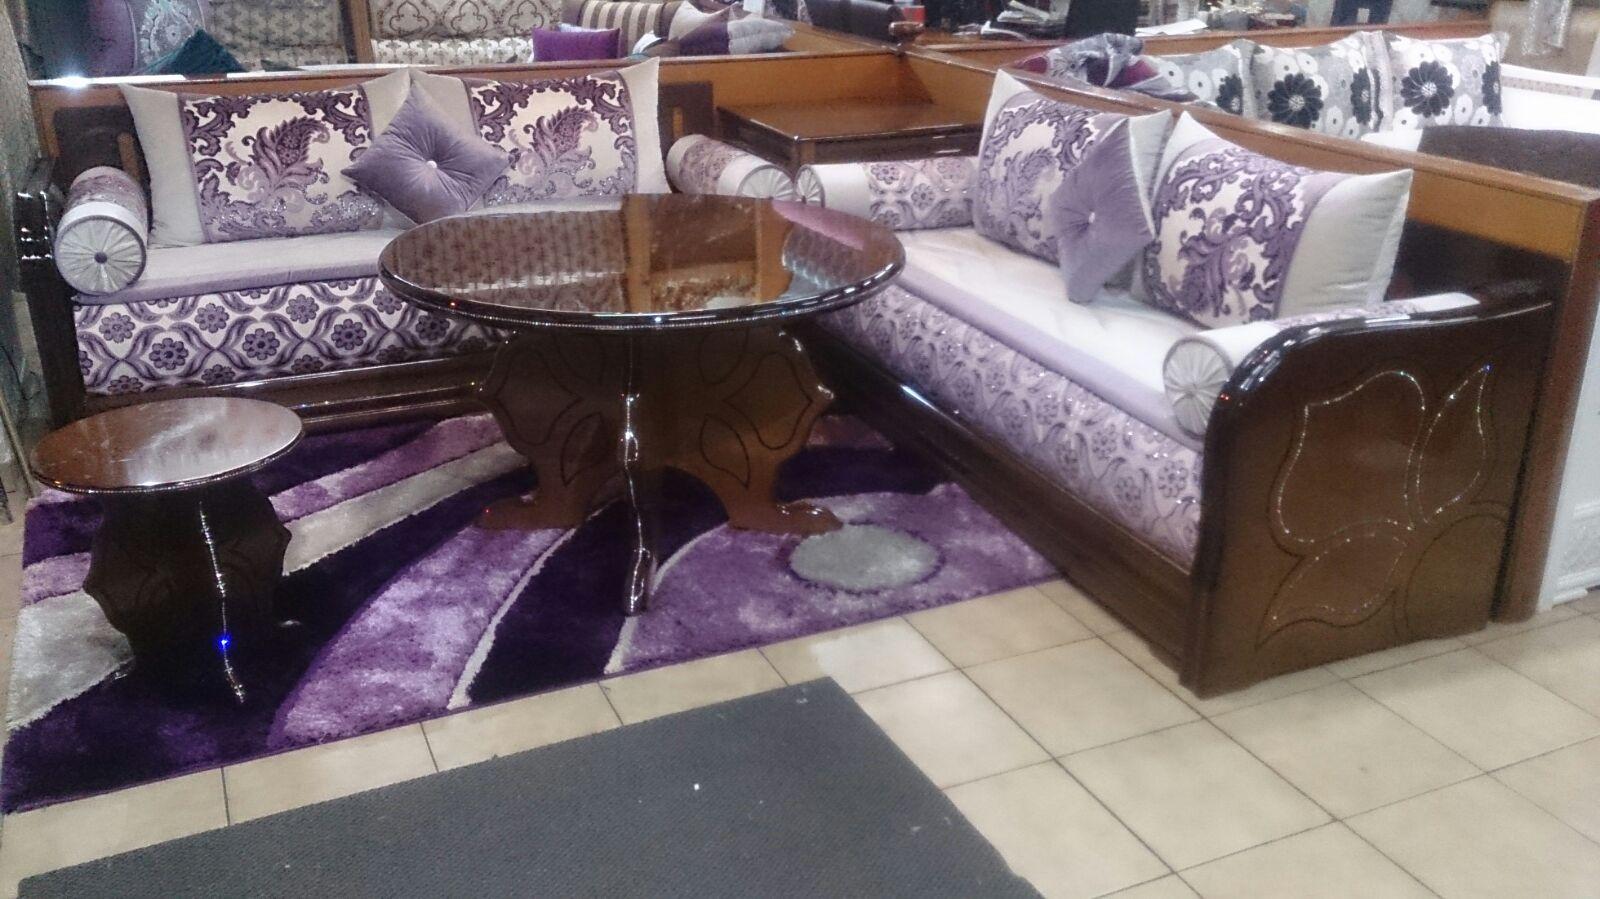 Salon Decoration Belgique : Salons marocain royal deco anderlecht bruxelles belgique